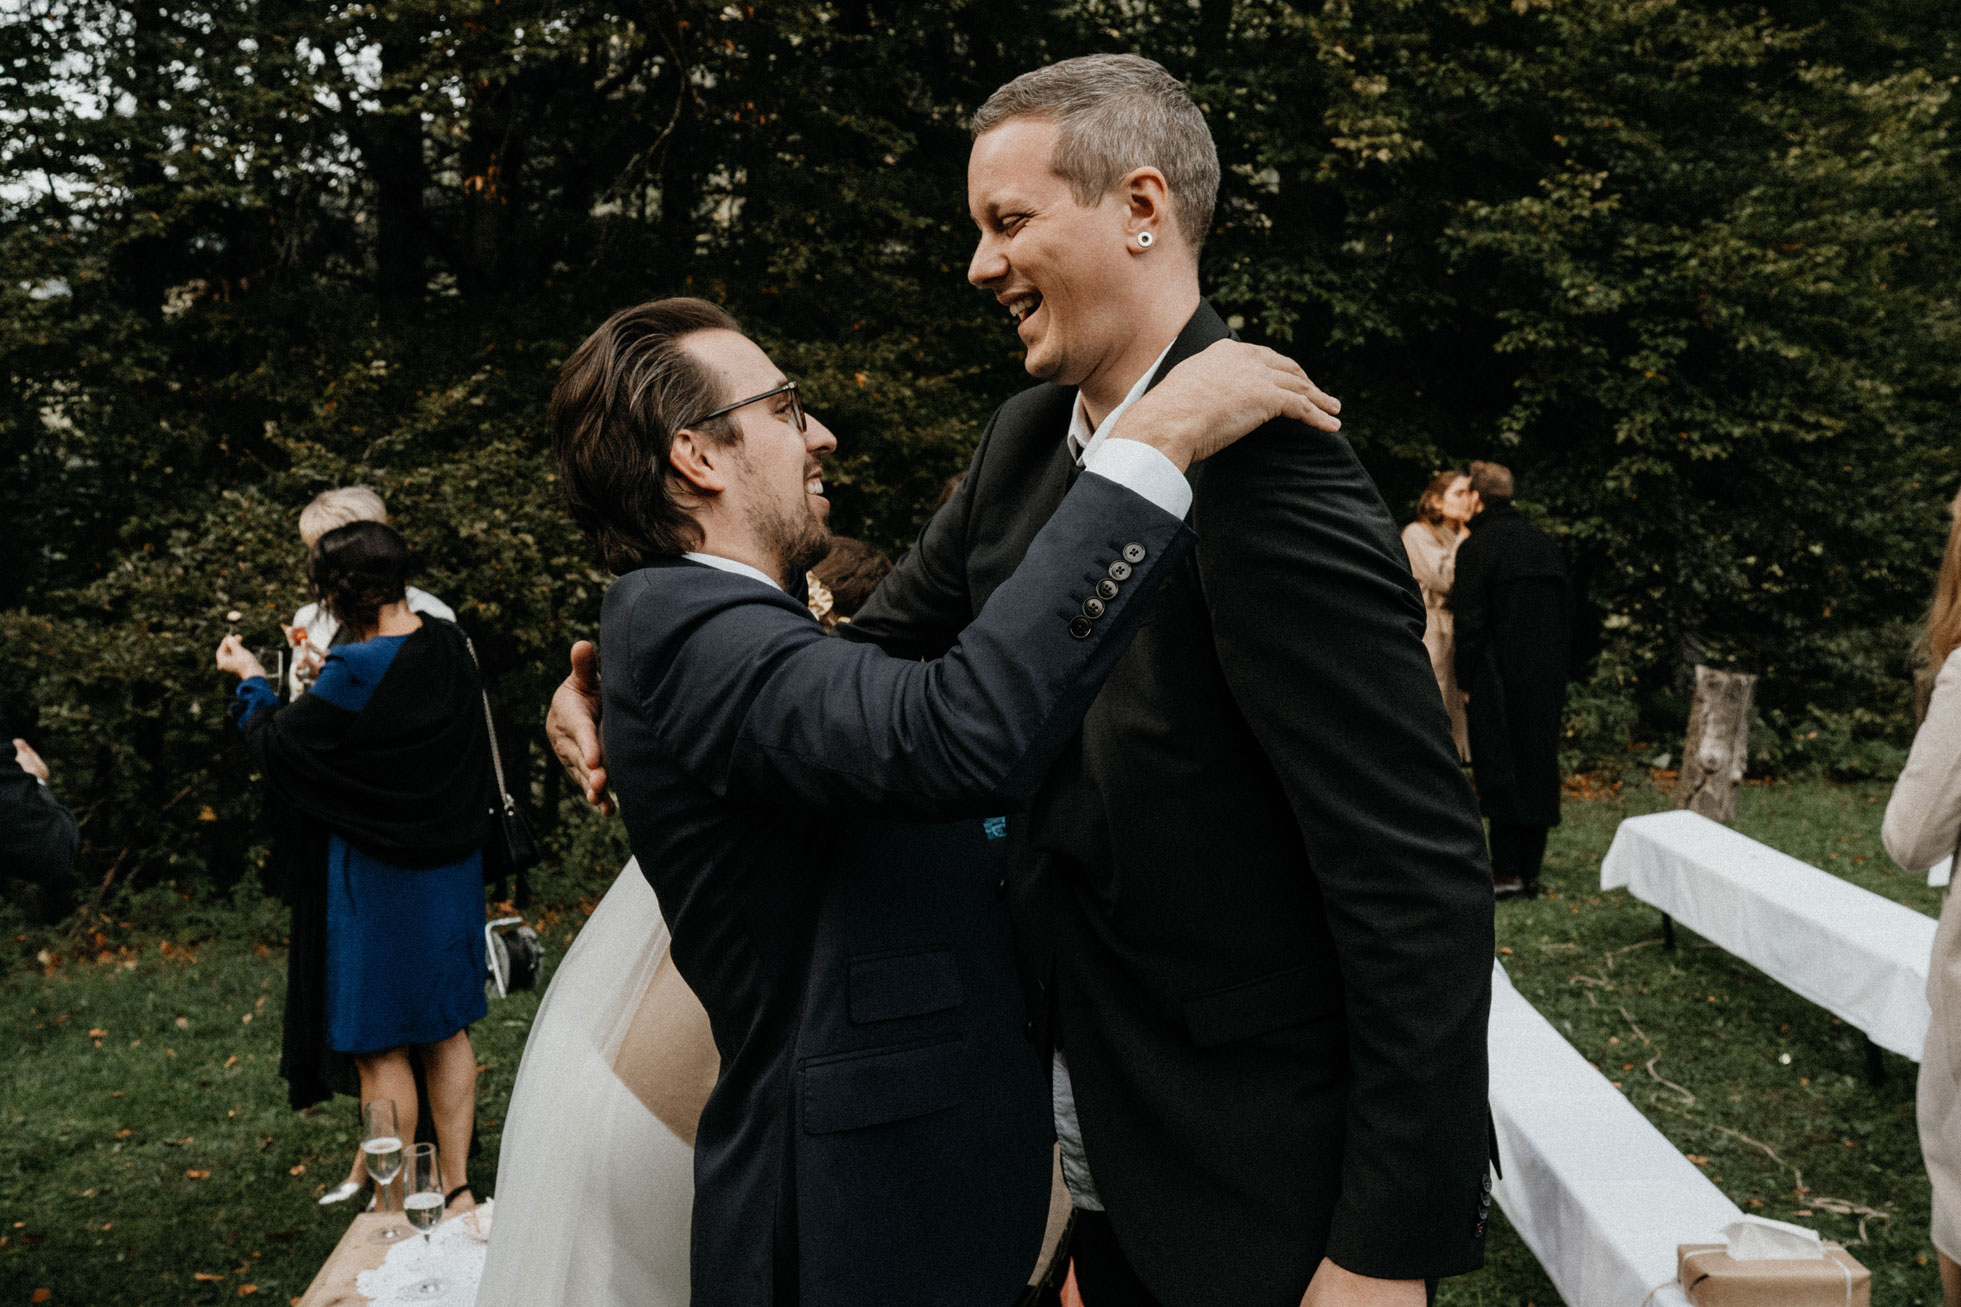 Hochzeit_Claire_Manuel_Villa_Maund_Daniel_Jenny-274.jpg